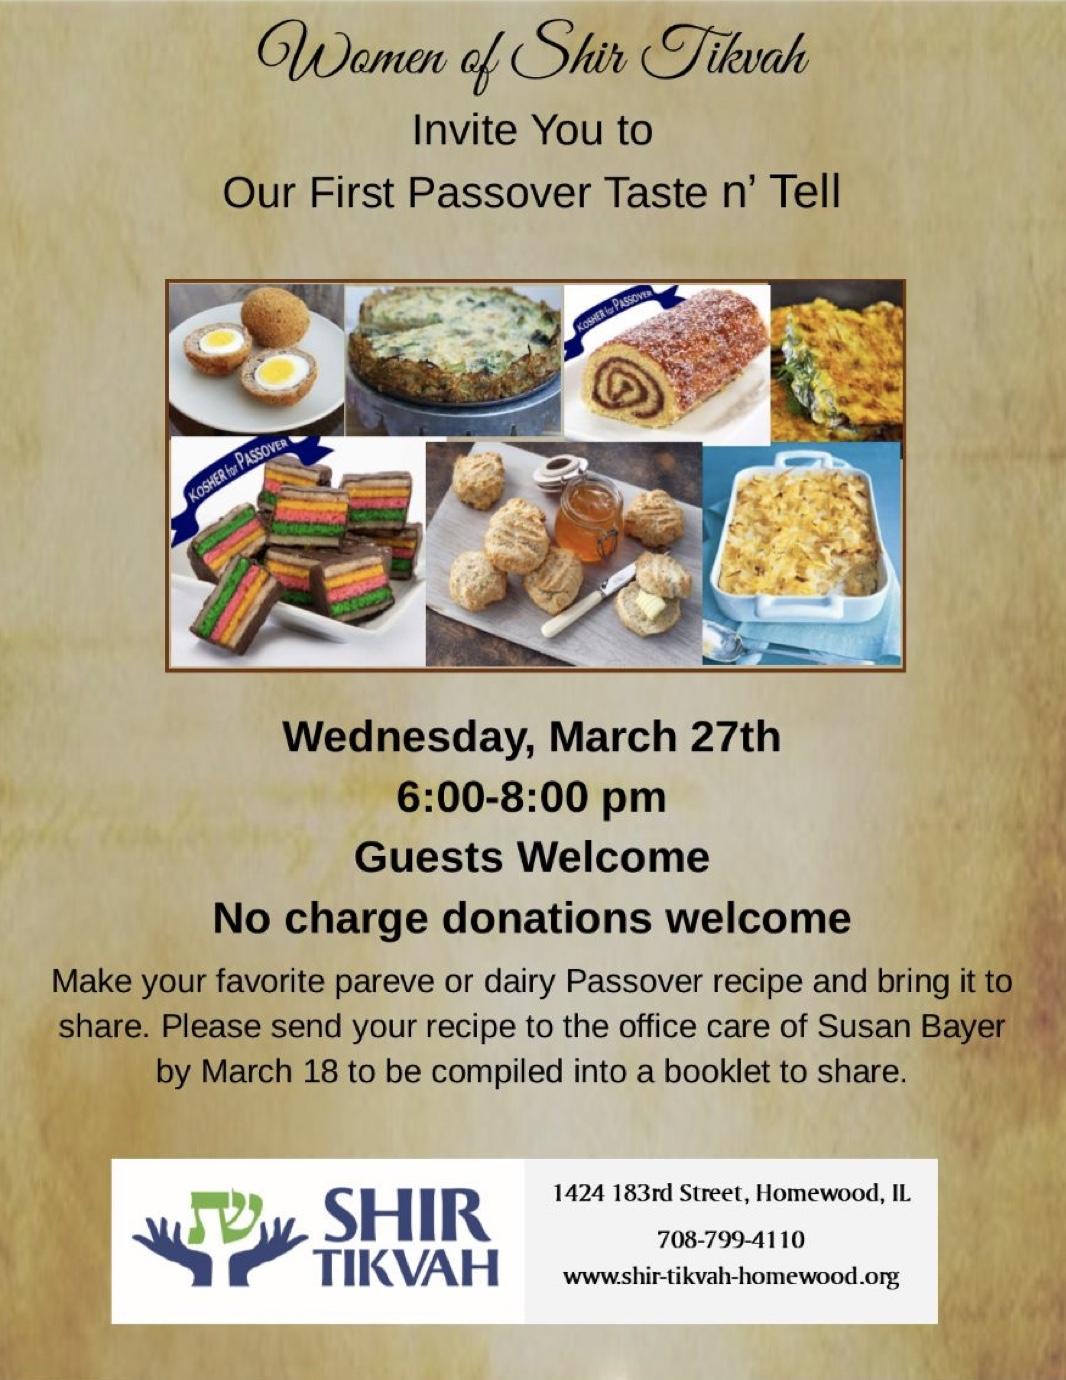 Passover Taste 'n Tell